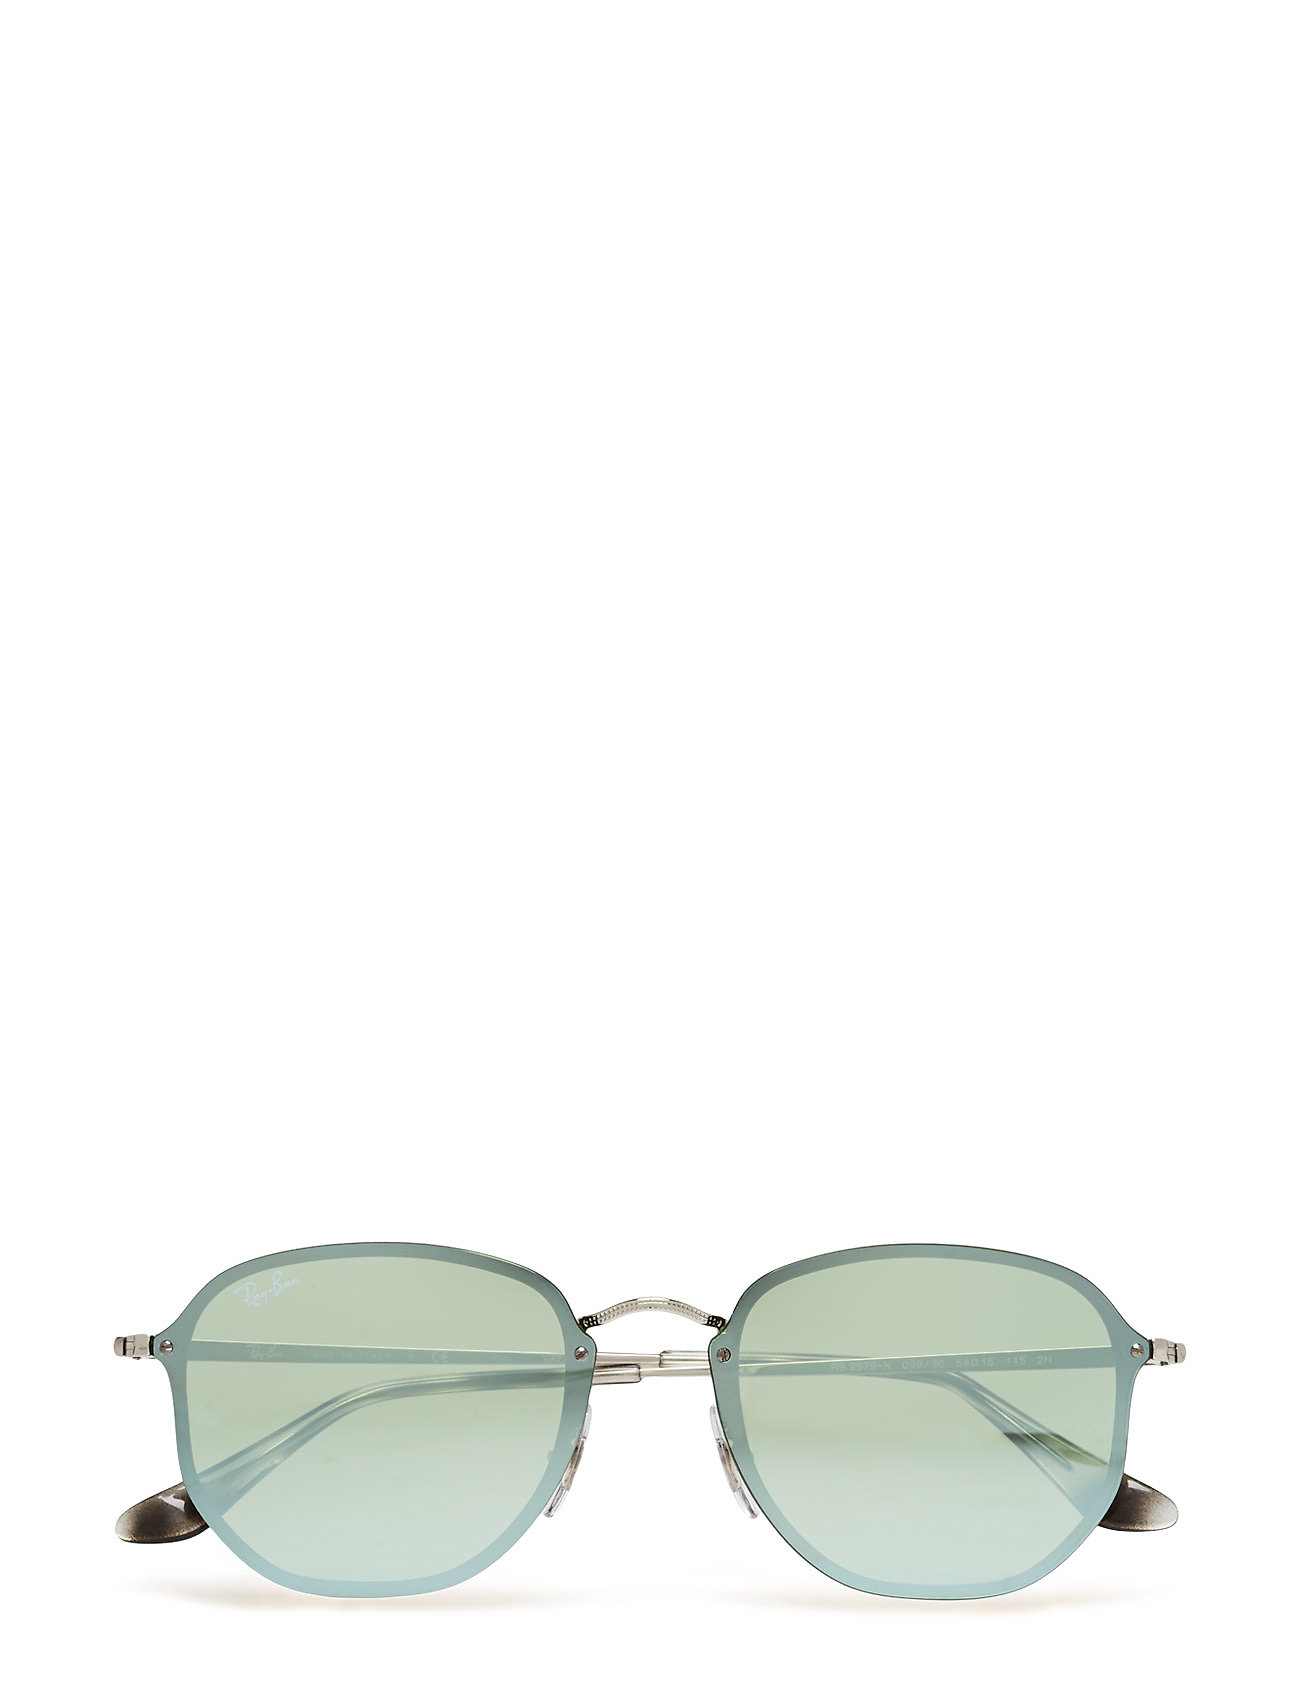 3f645dfb277c Highstreet Ray-Ban Solbriller til Damer i Sølv